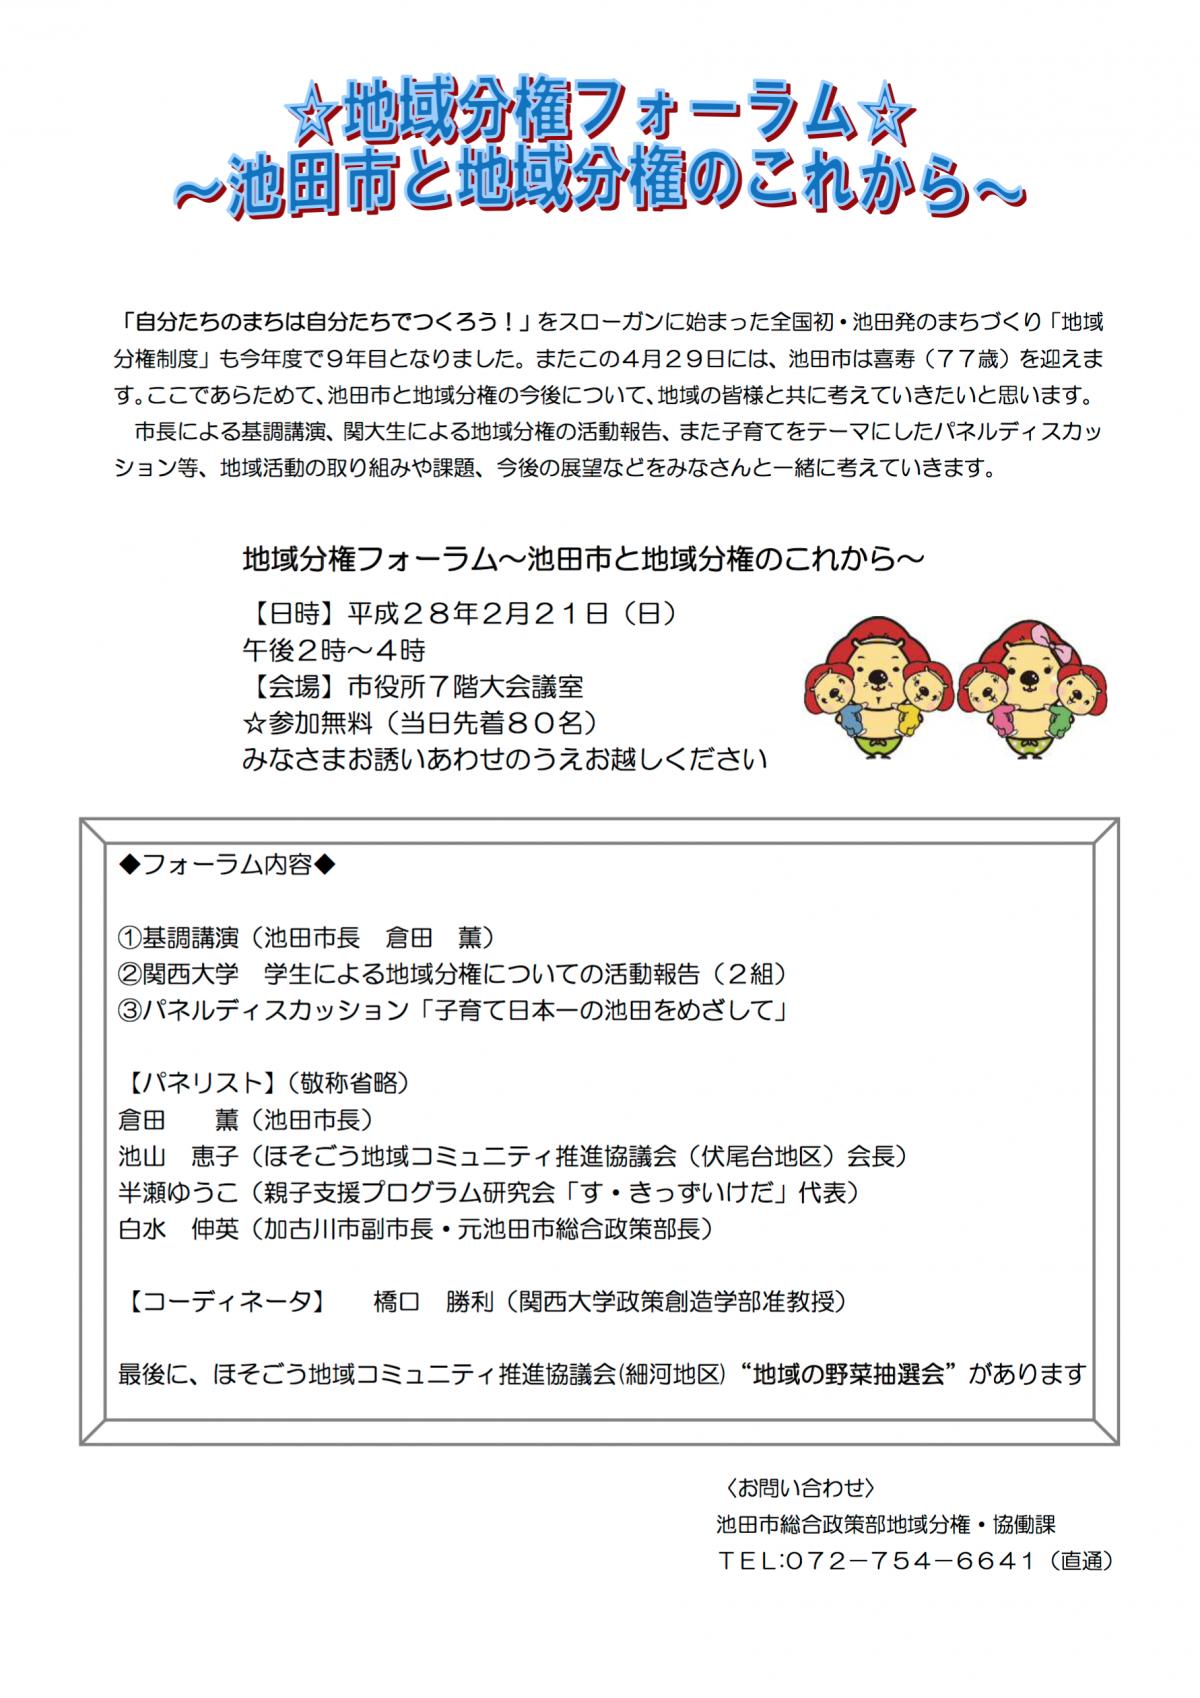 地域分権フォーラム 〜池田市と地域分権のこれから〜 を開催します